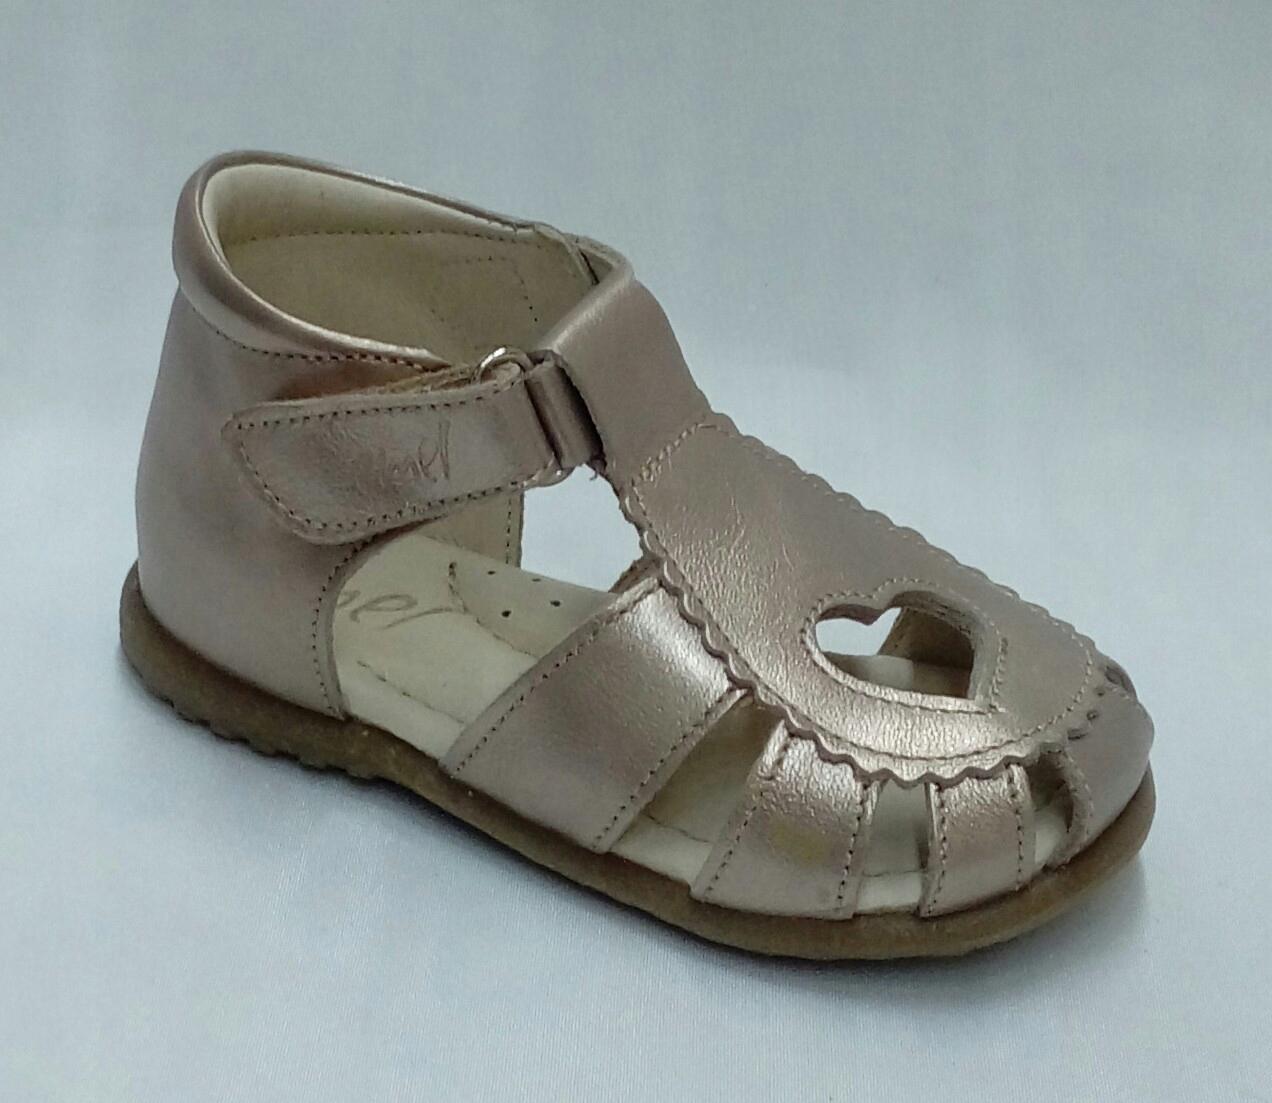 Emel sandałki dziewczęce 2183-20 r.24